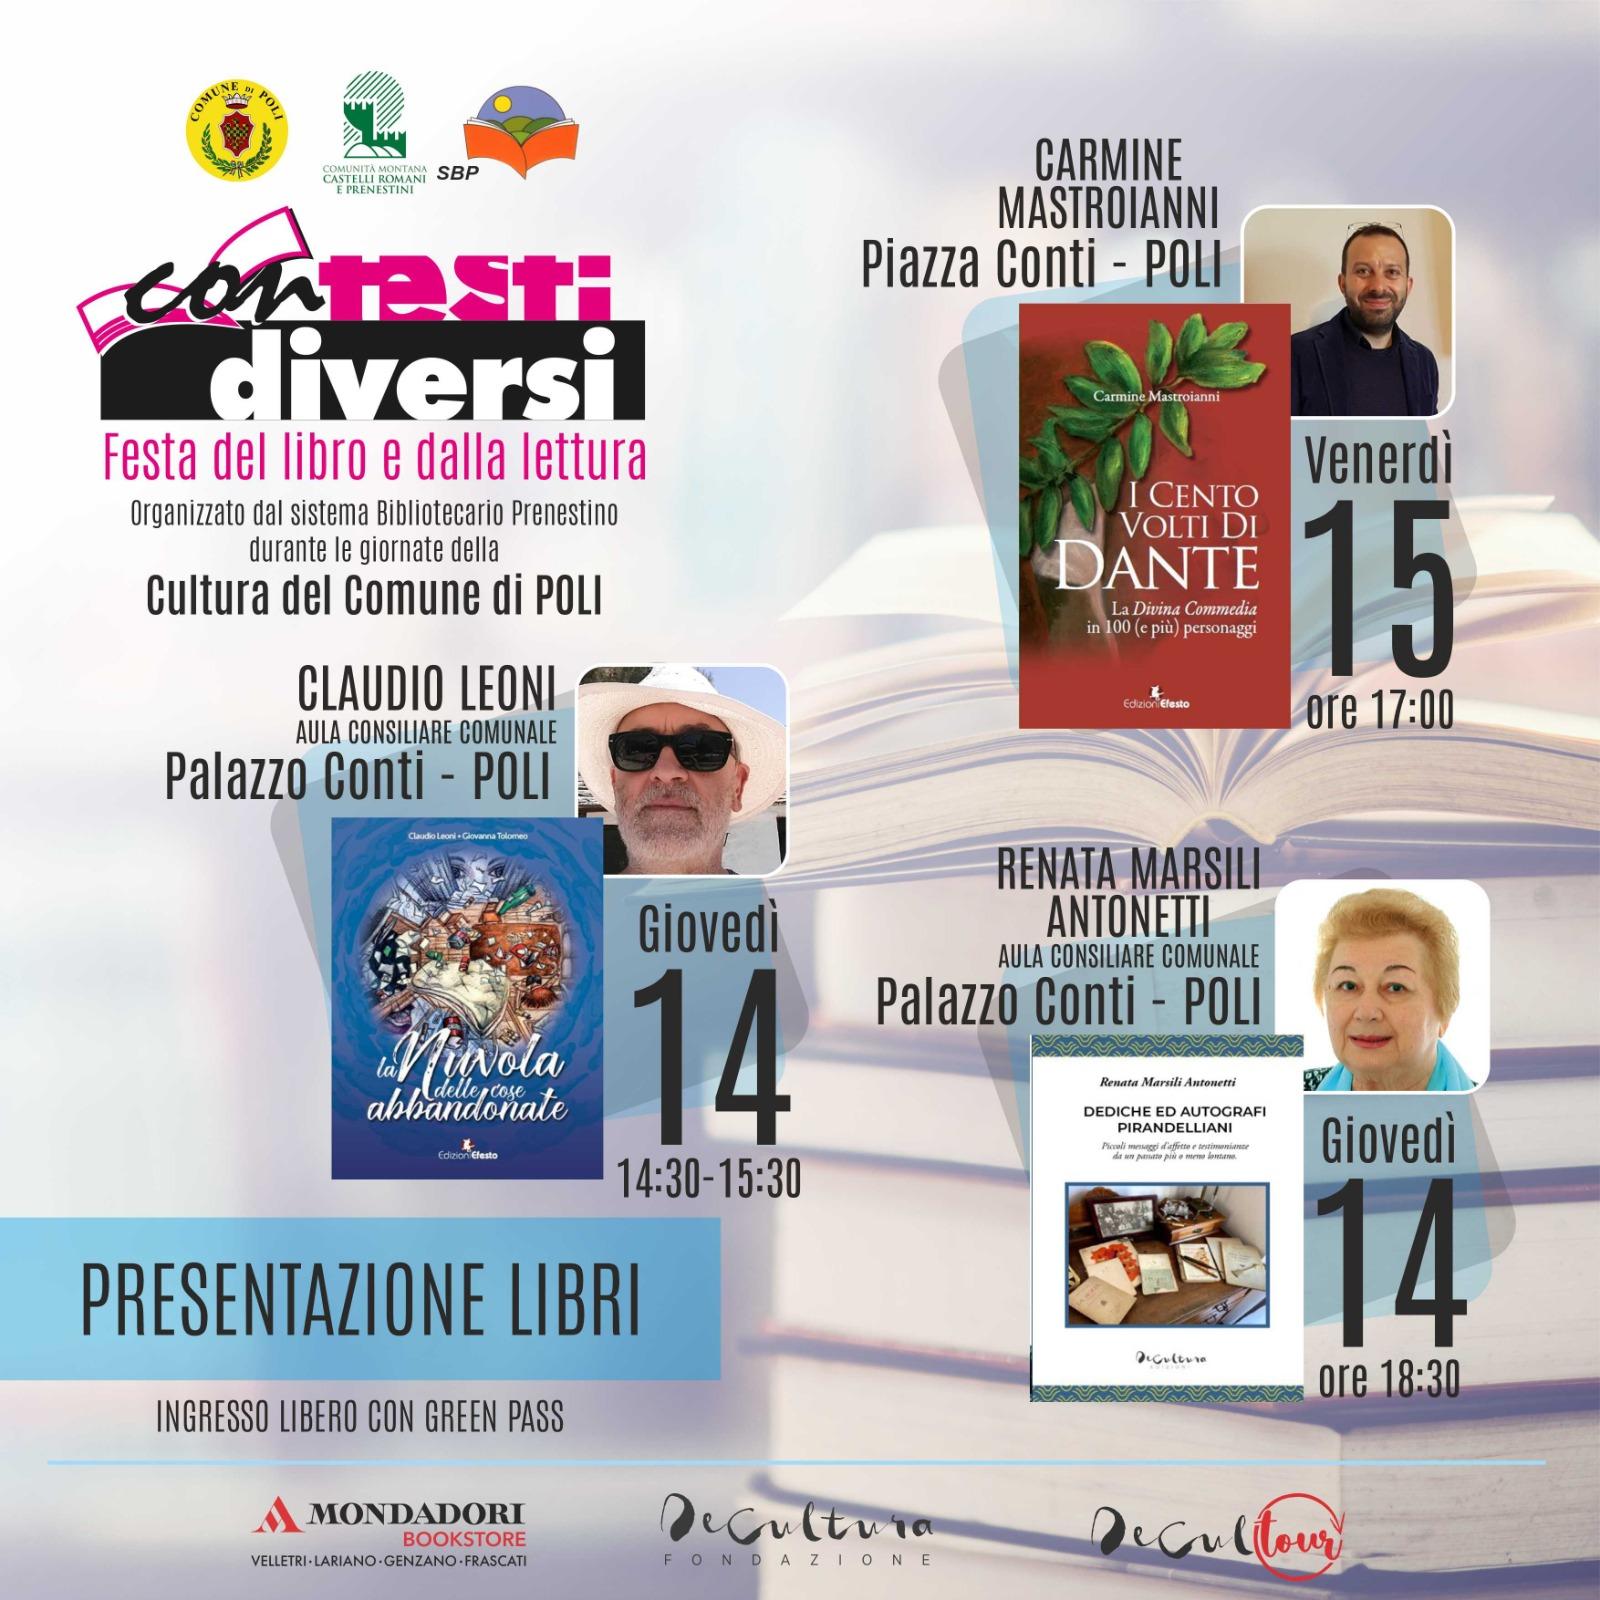 """Cultura, """"Contesti diversi. Festa del libro e della lettura"""": incontri con gli autori a Poli"""